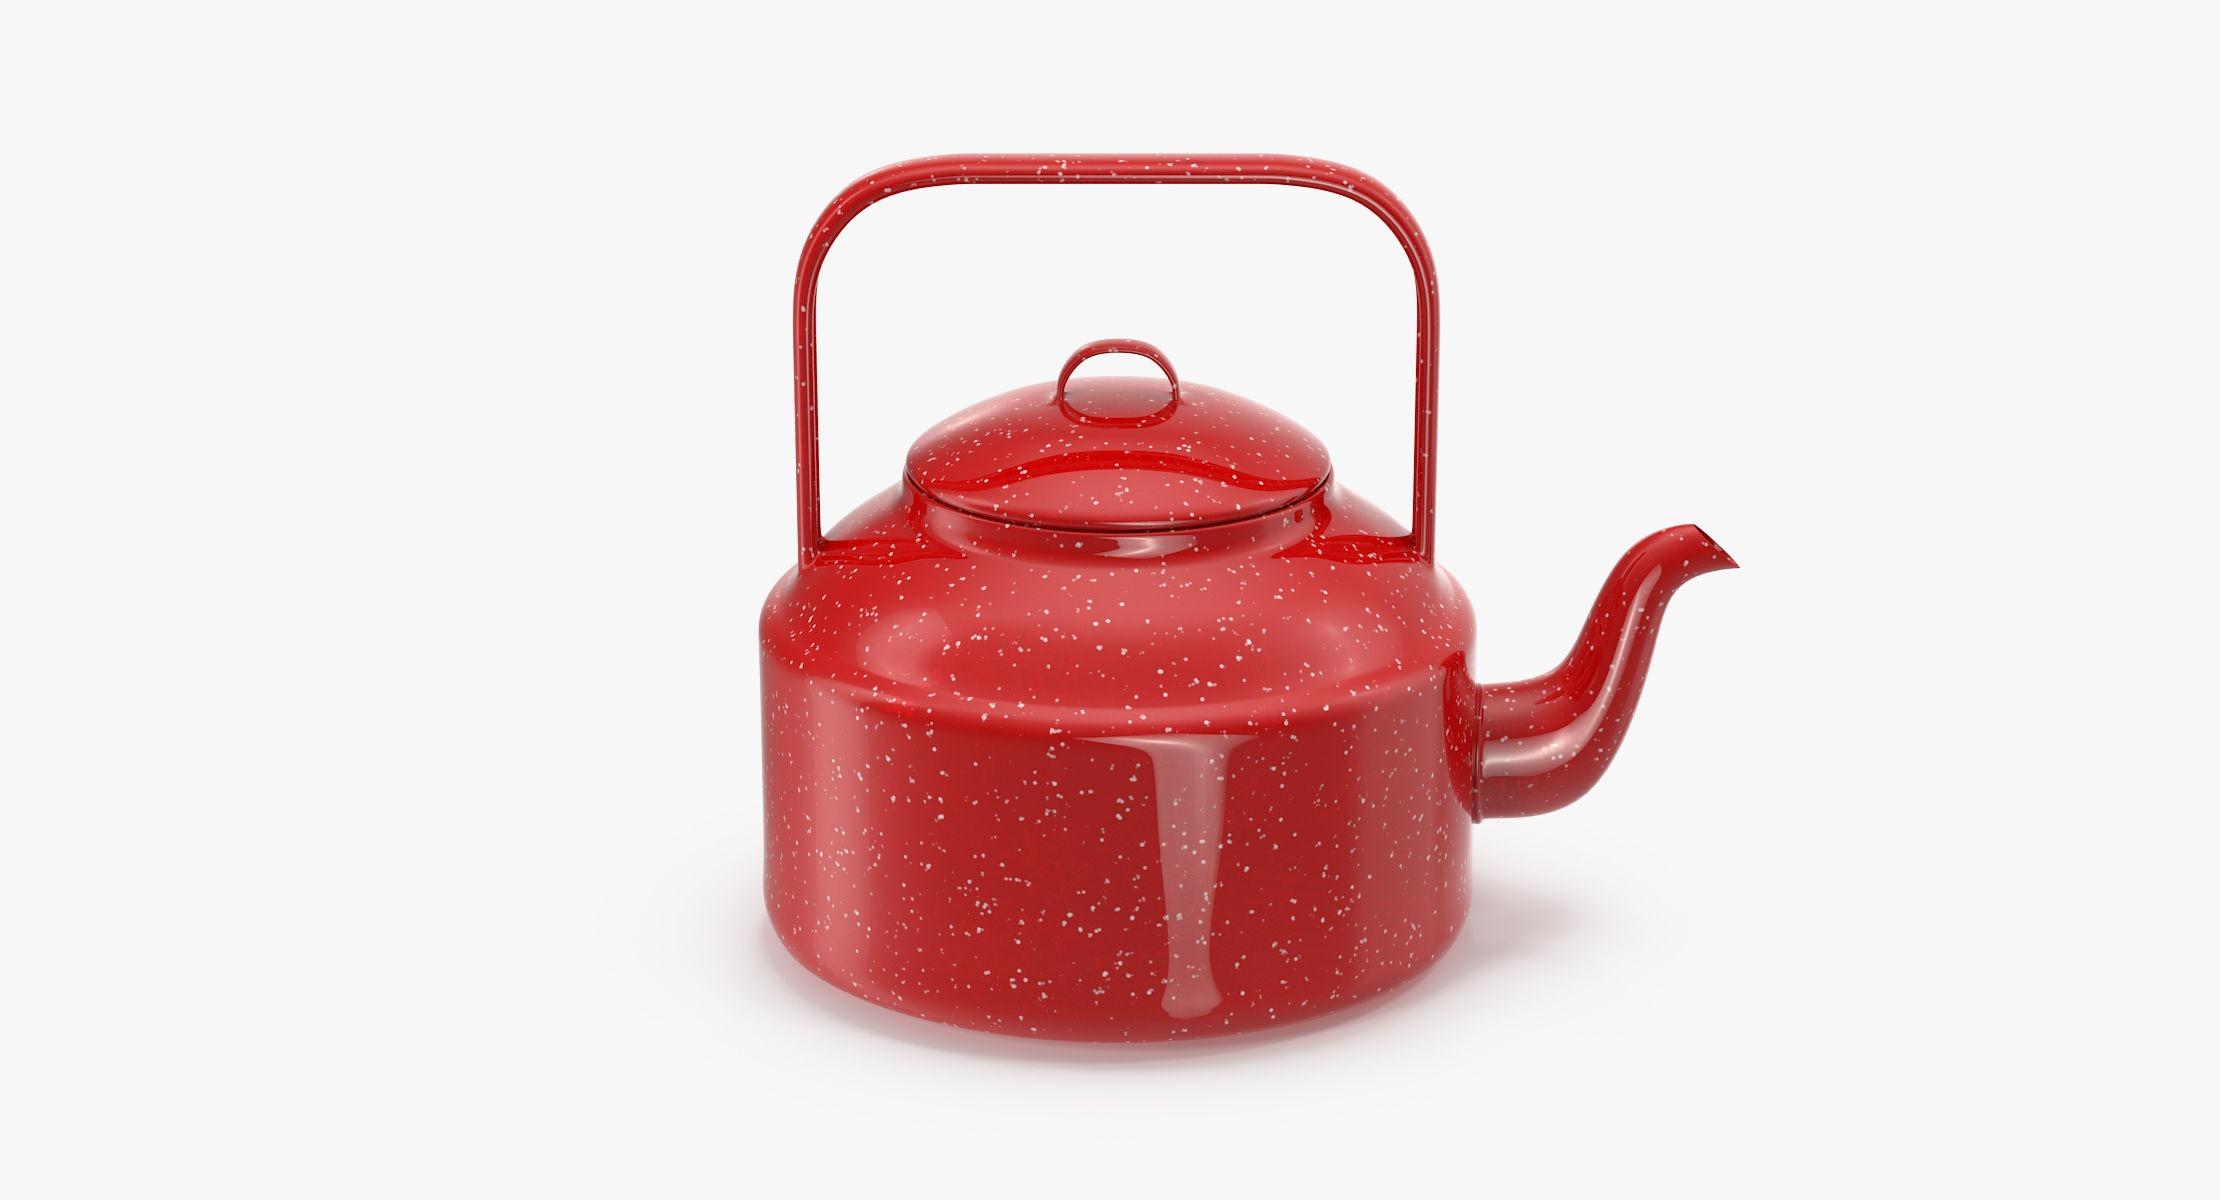 Tea Kettle v2 - reel 1